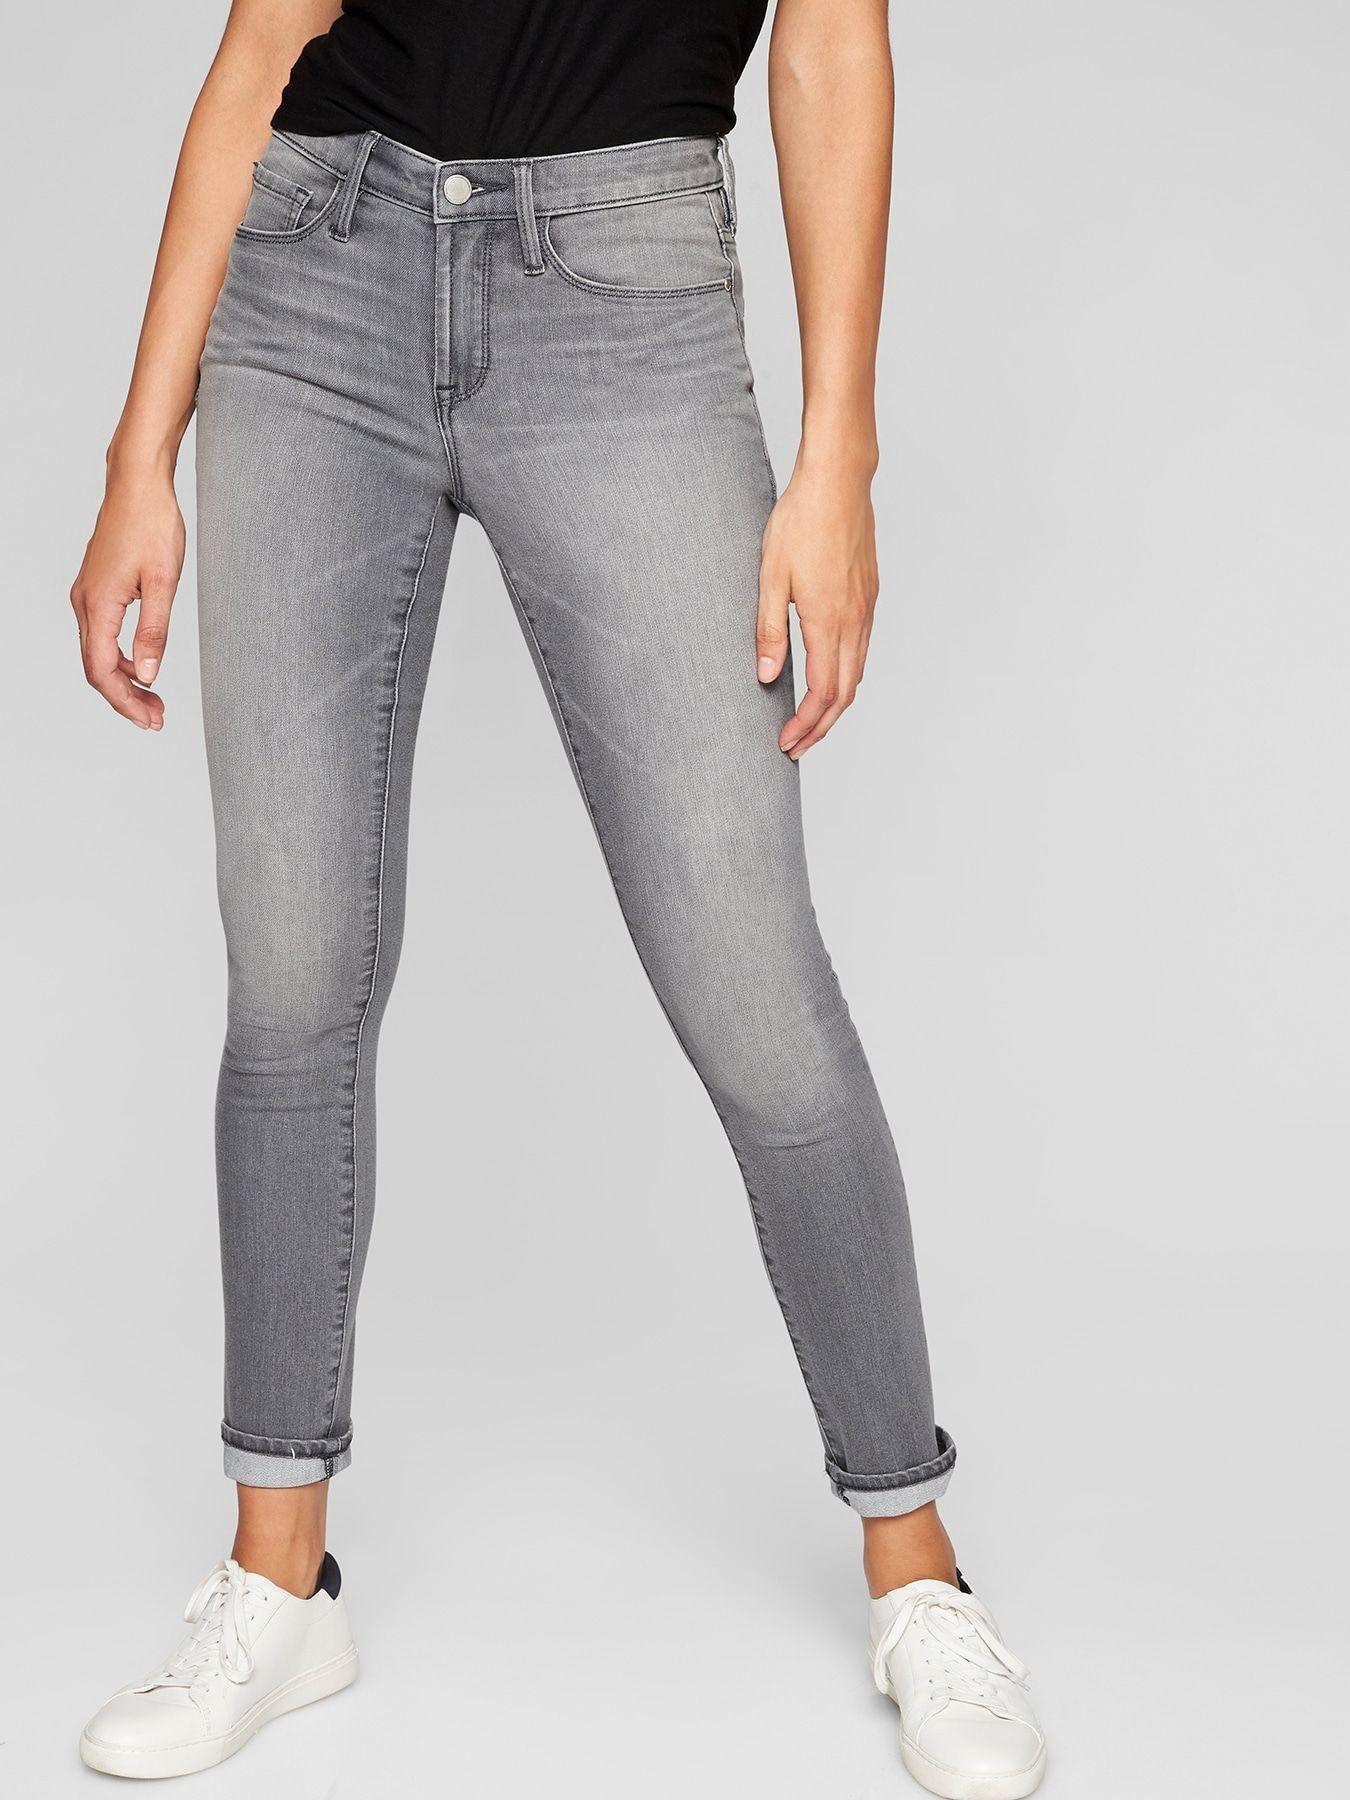 bf1dd0e462eab7 Sculptek Skinny Jean Grey Wash | Athleta | Want: Regular Clothing ...